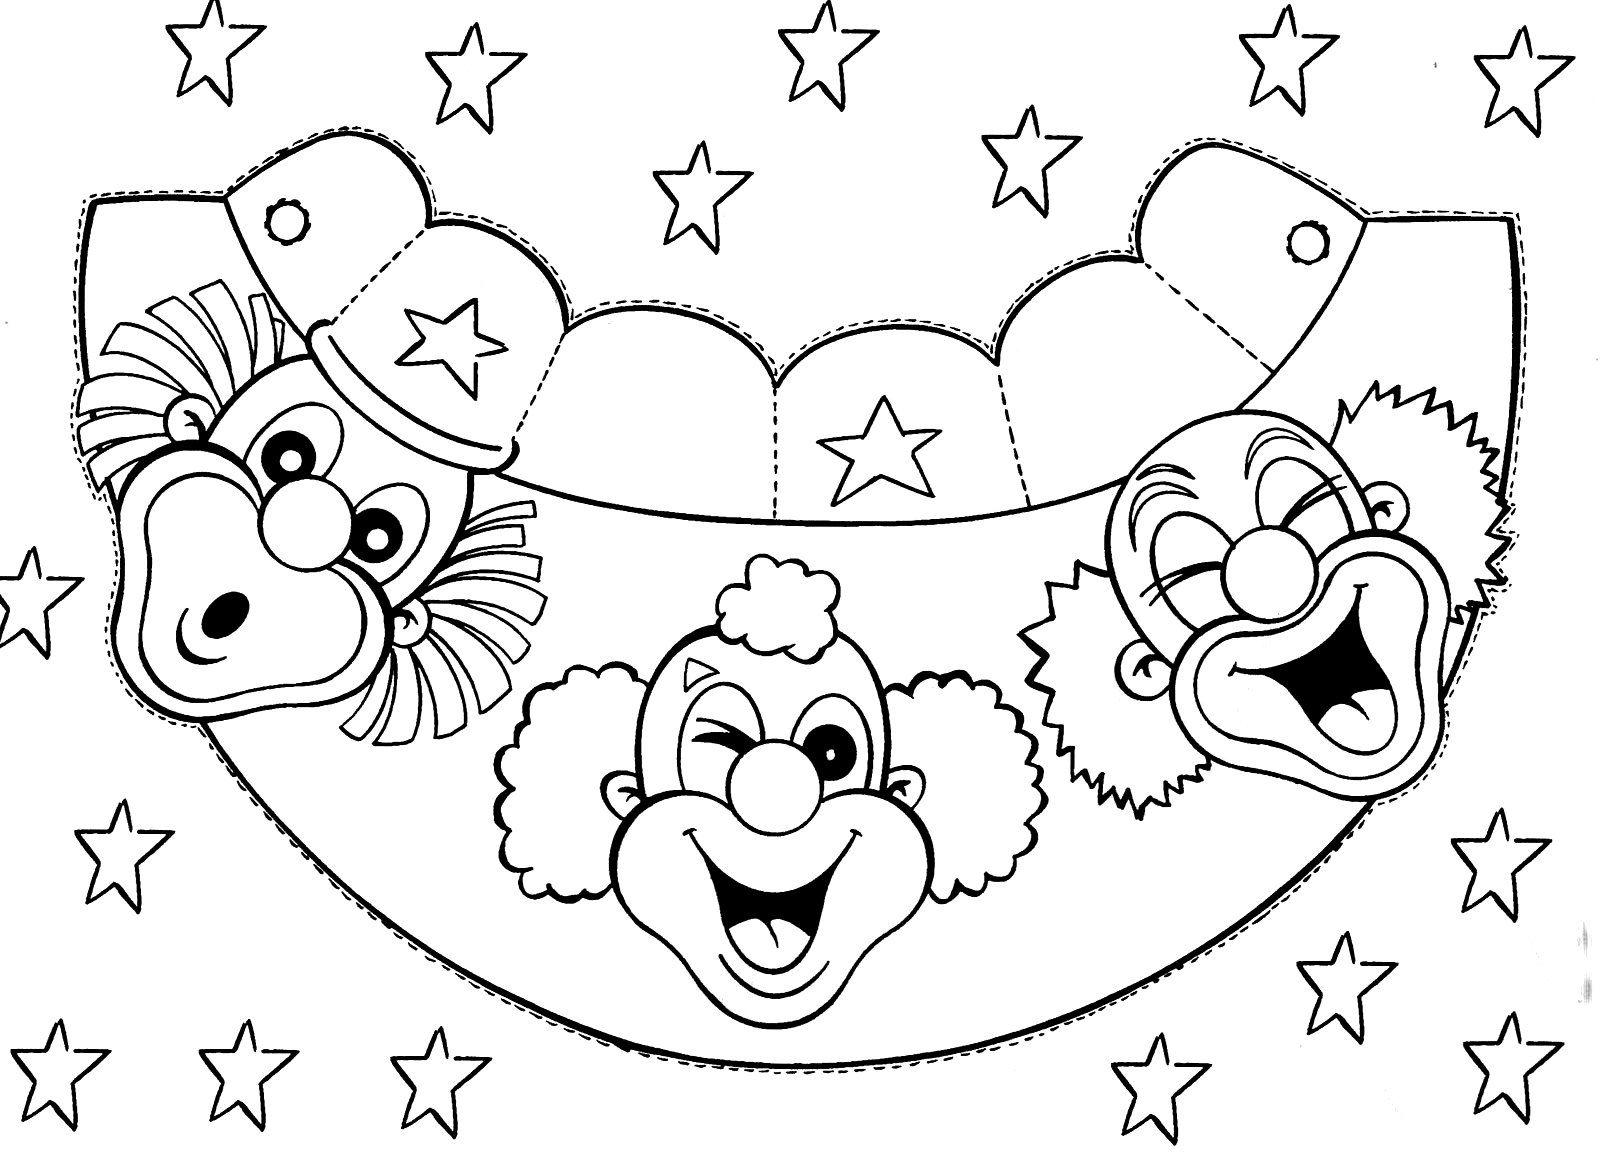 Pin de Mirjam v.d. Kamp en ✂Crafts & Activities 4 kids 2 ...